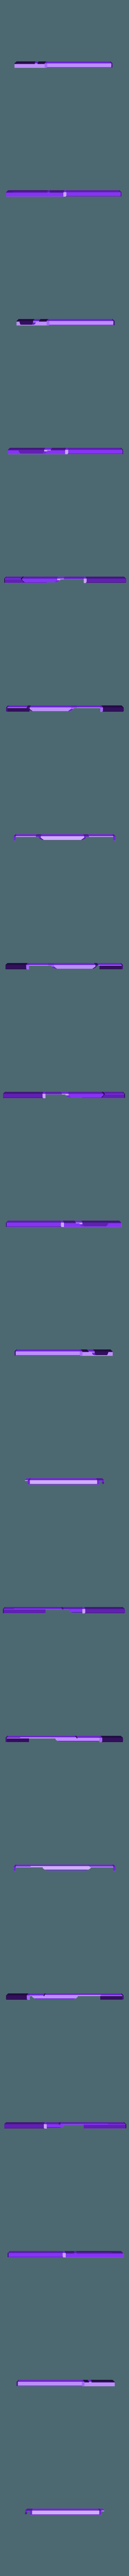 tapa_Raspi.stl Télécharger fichier STL gratuit Boîte Pi3 à la framboise pour Vslot • Objet pour imprimante 3D, EugenioFructuoso